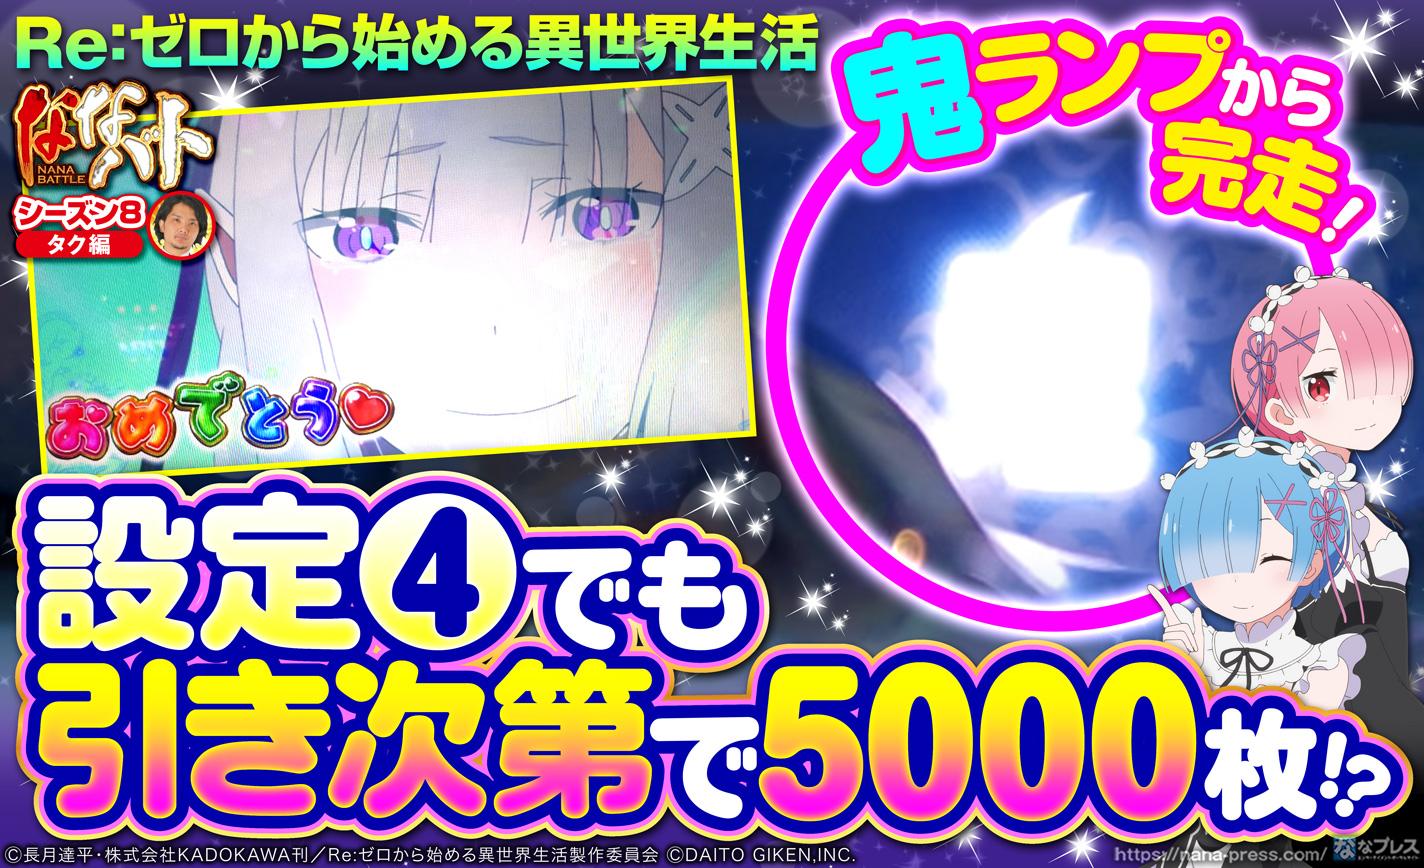 【リゼロ】設定4でも引き次第で5000枚!? 強ATに入りまくり鬼ランプも点灯した結果 eyecatch-image